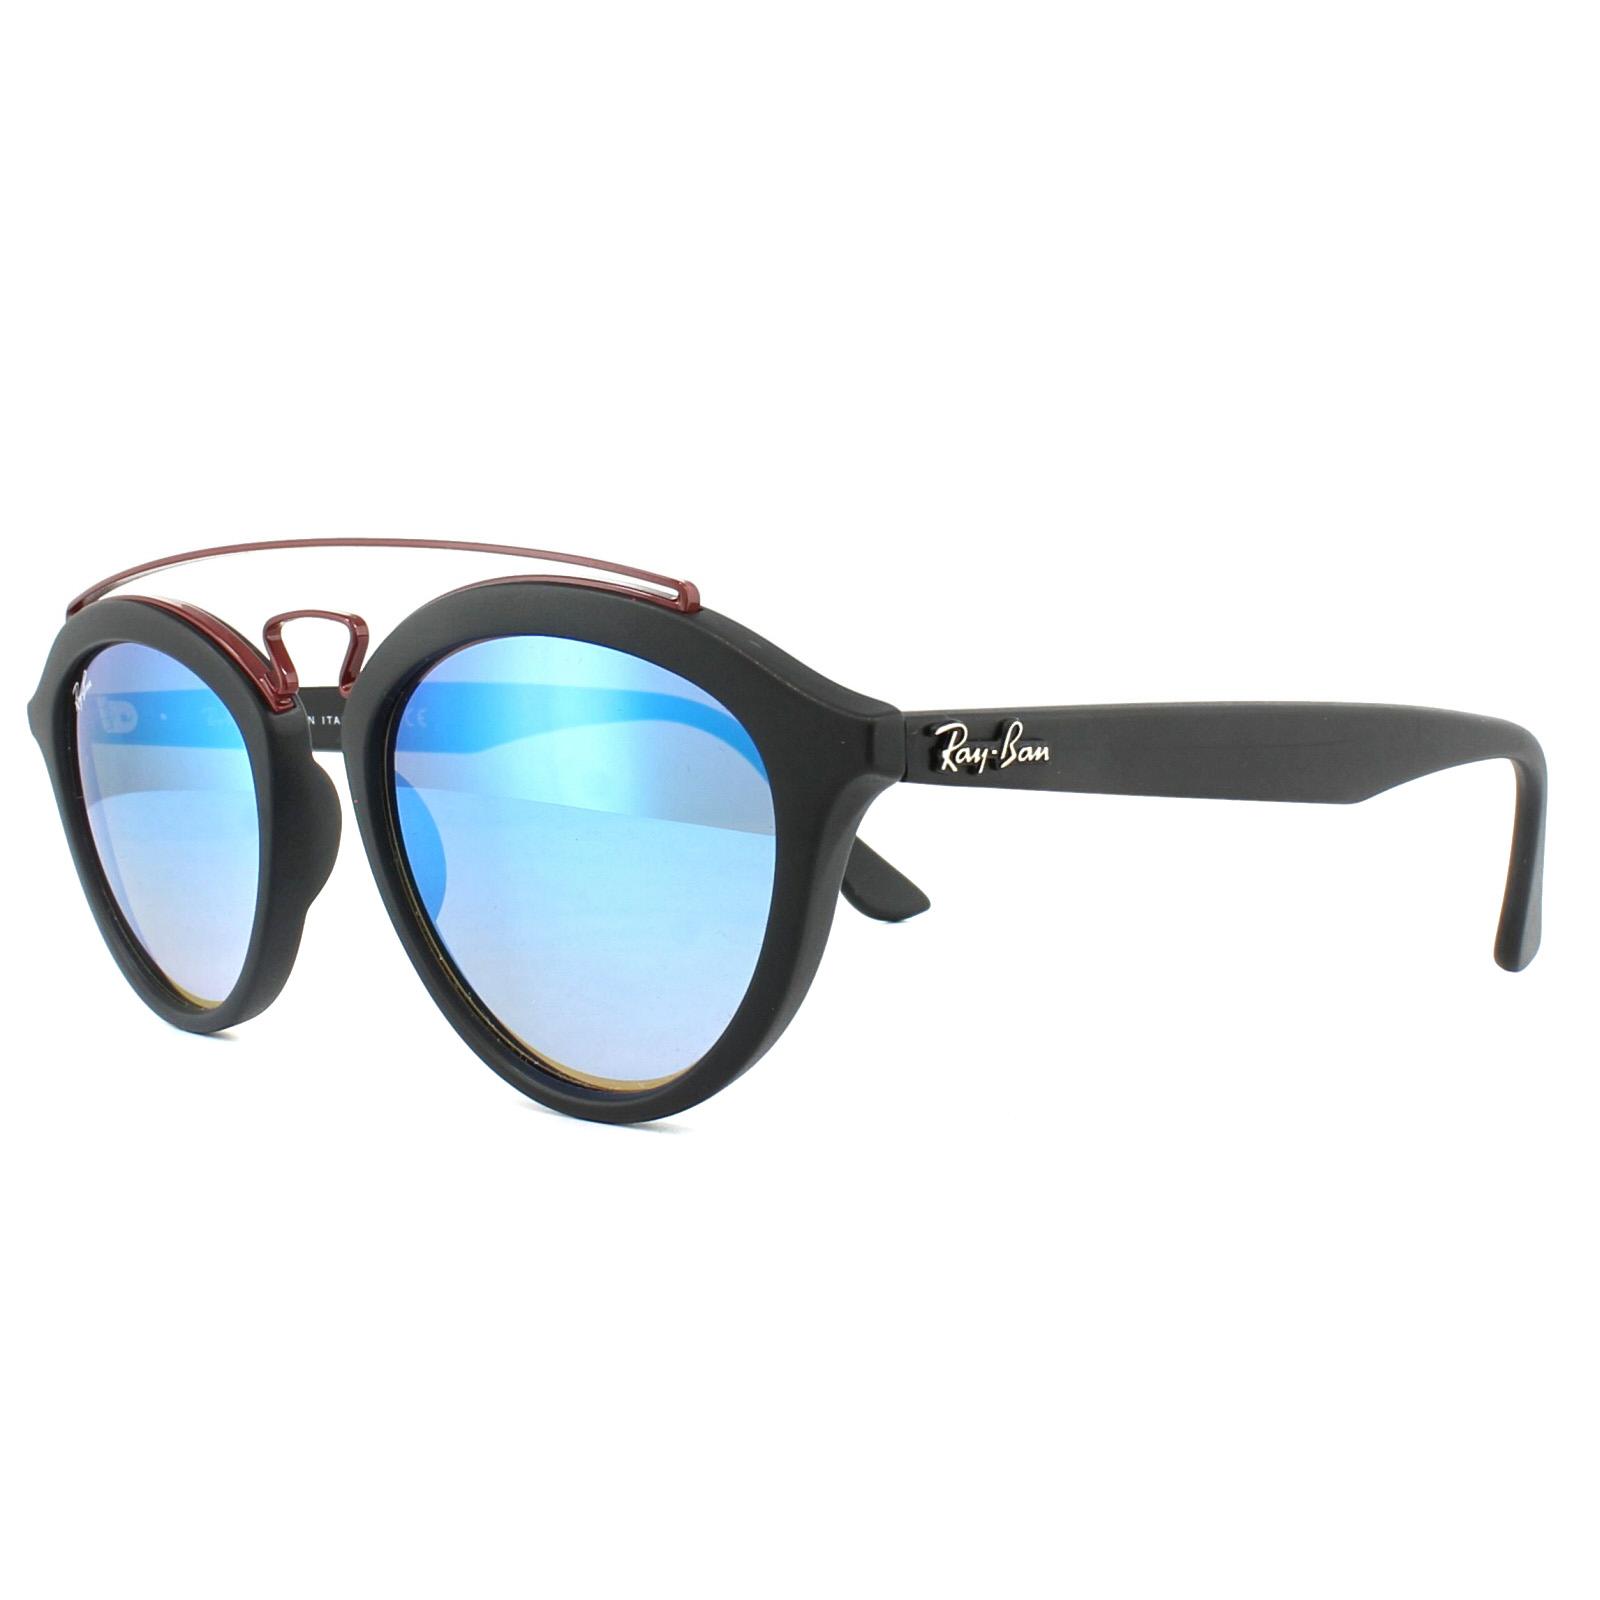 3e4e56b9e77 Sentinel Ray-Ban Sunglasses New Gatsby 4257 6252B7 Black Blue Gradient  Mirror 50mm